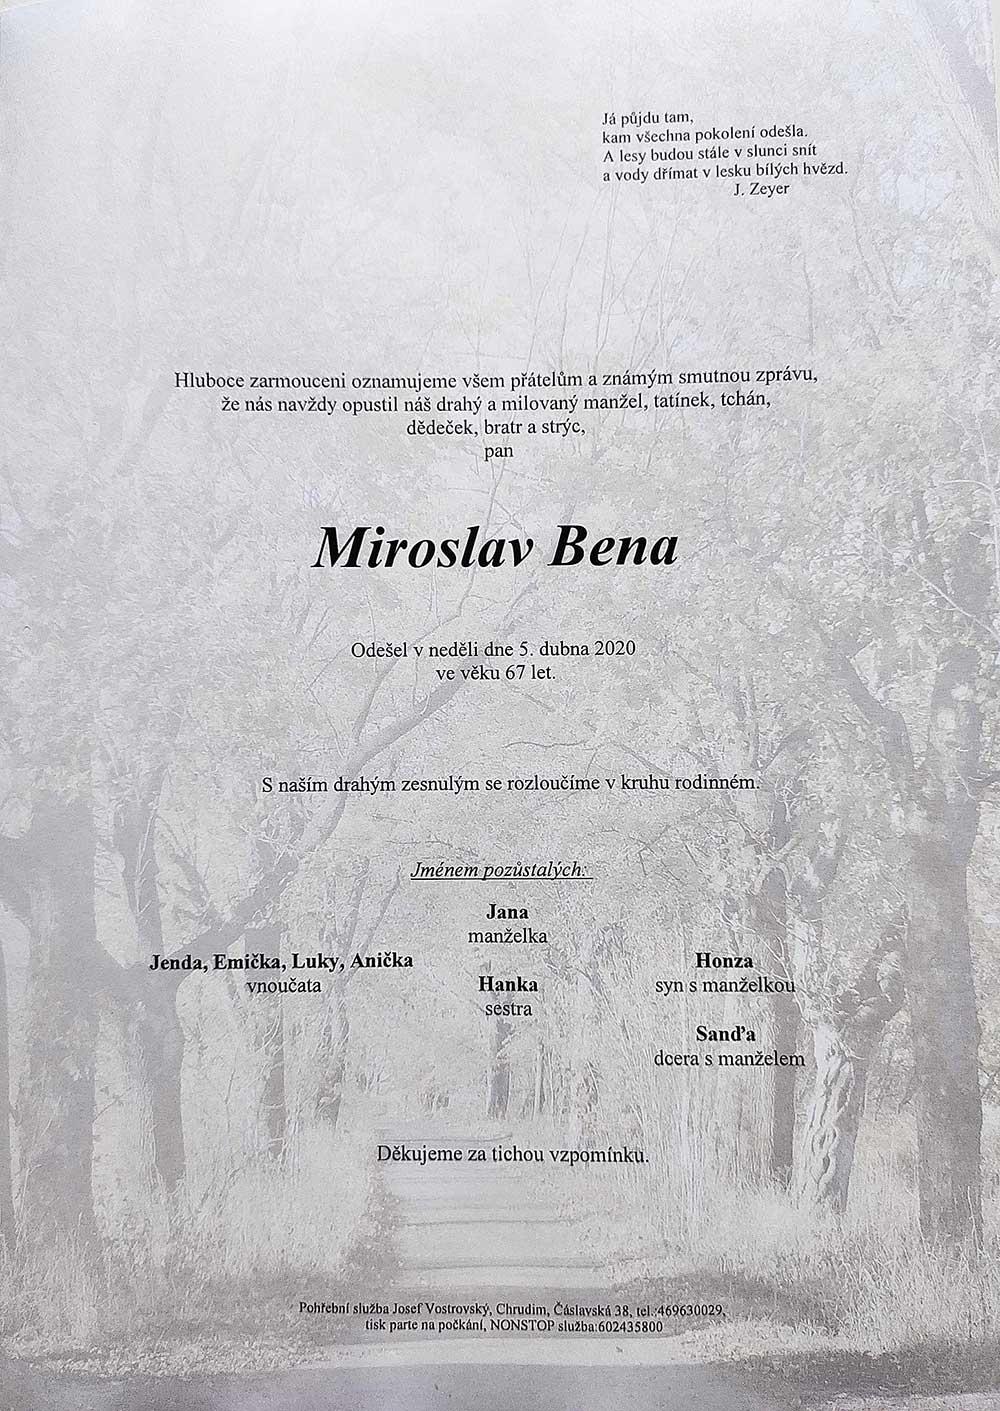 Miroslav Béna - parte